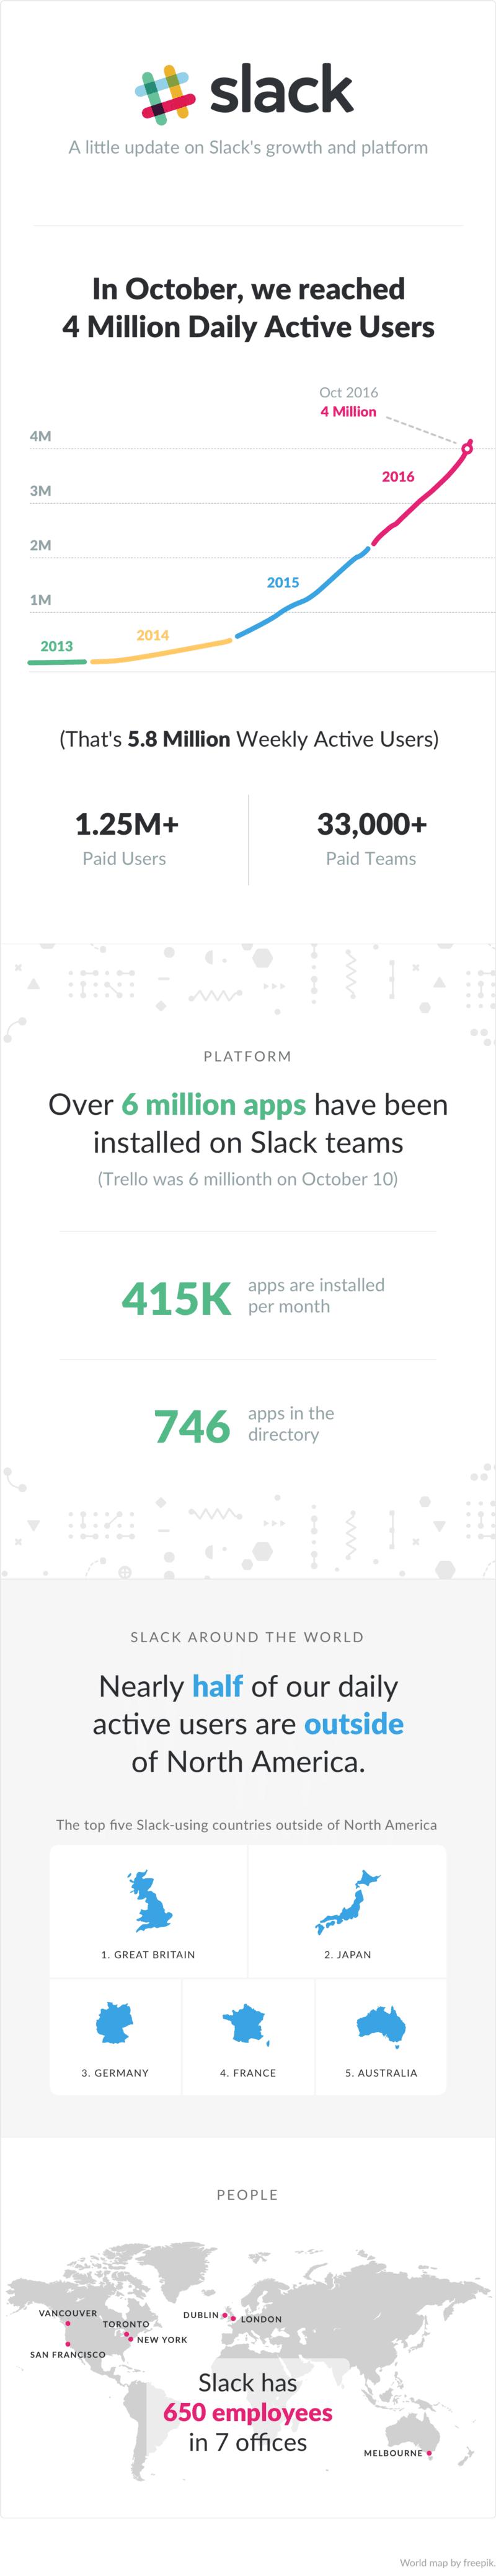 infographie sur slack